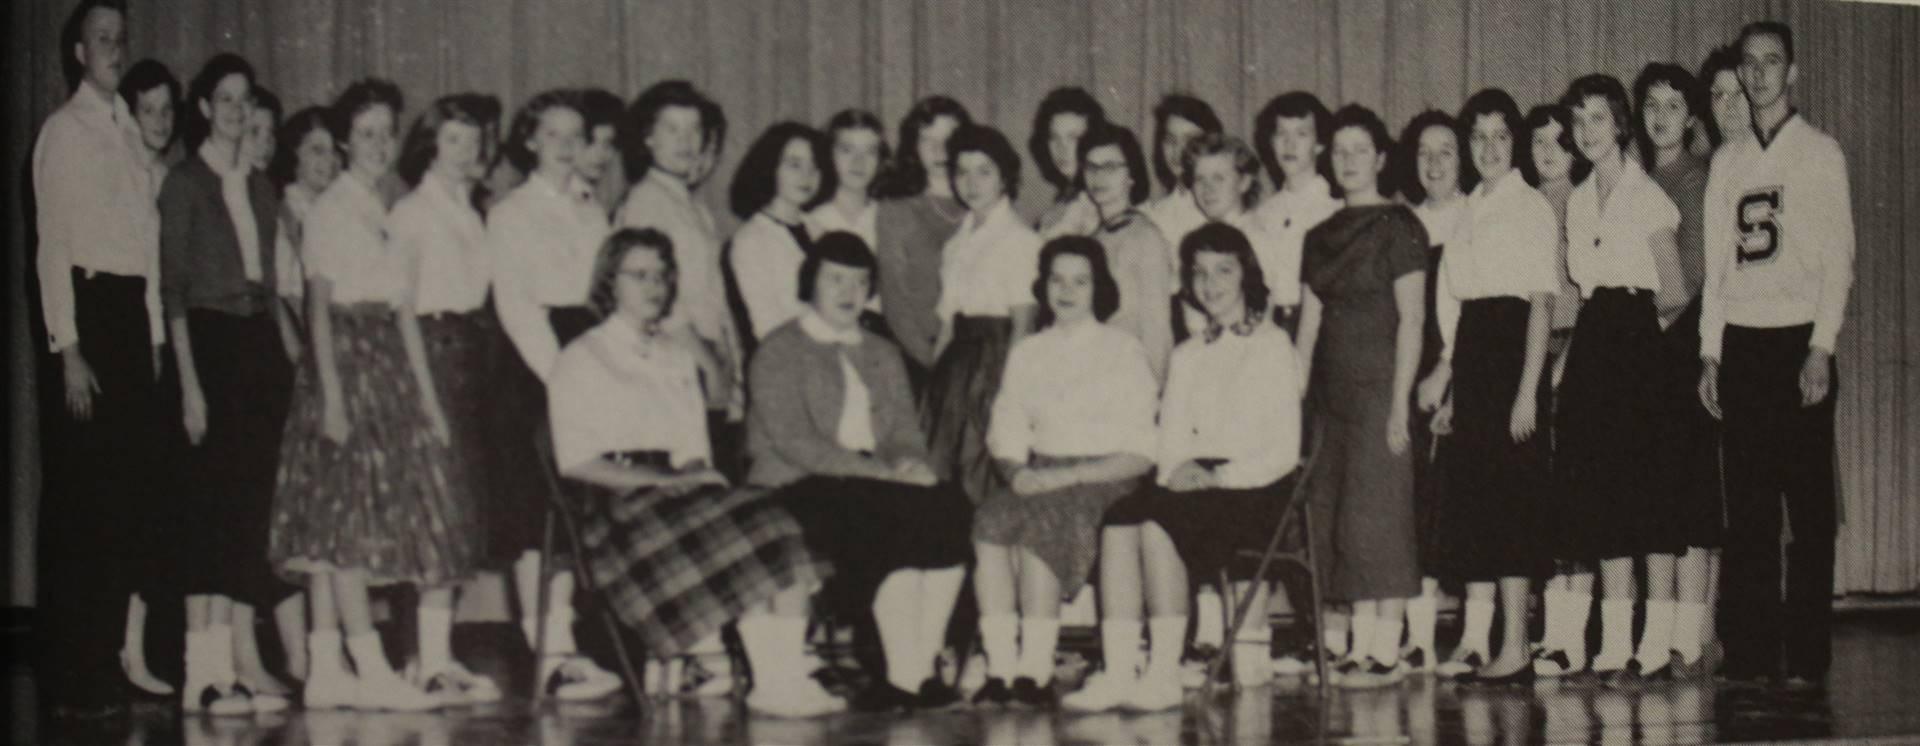 1958 FTA